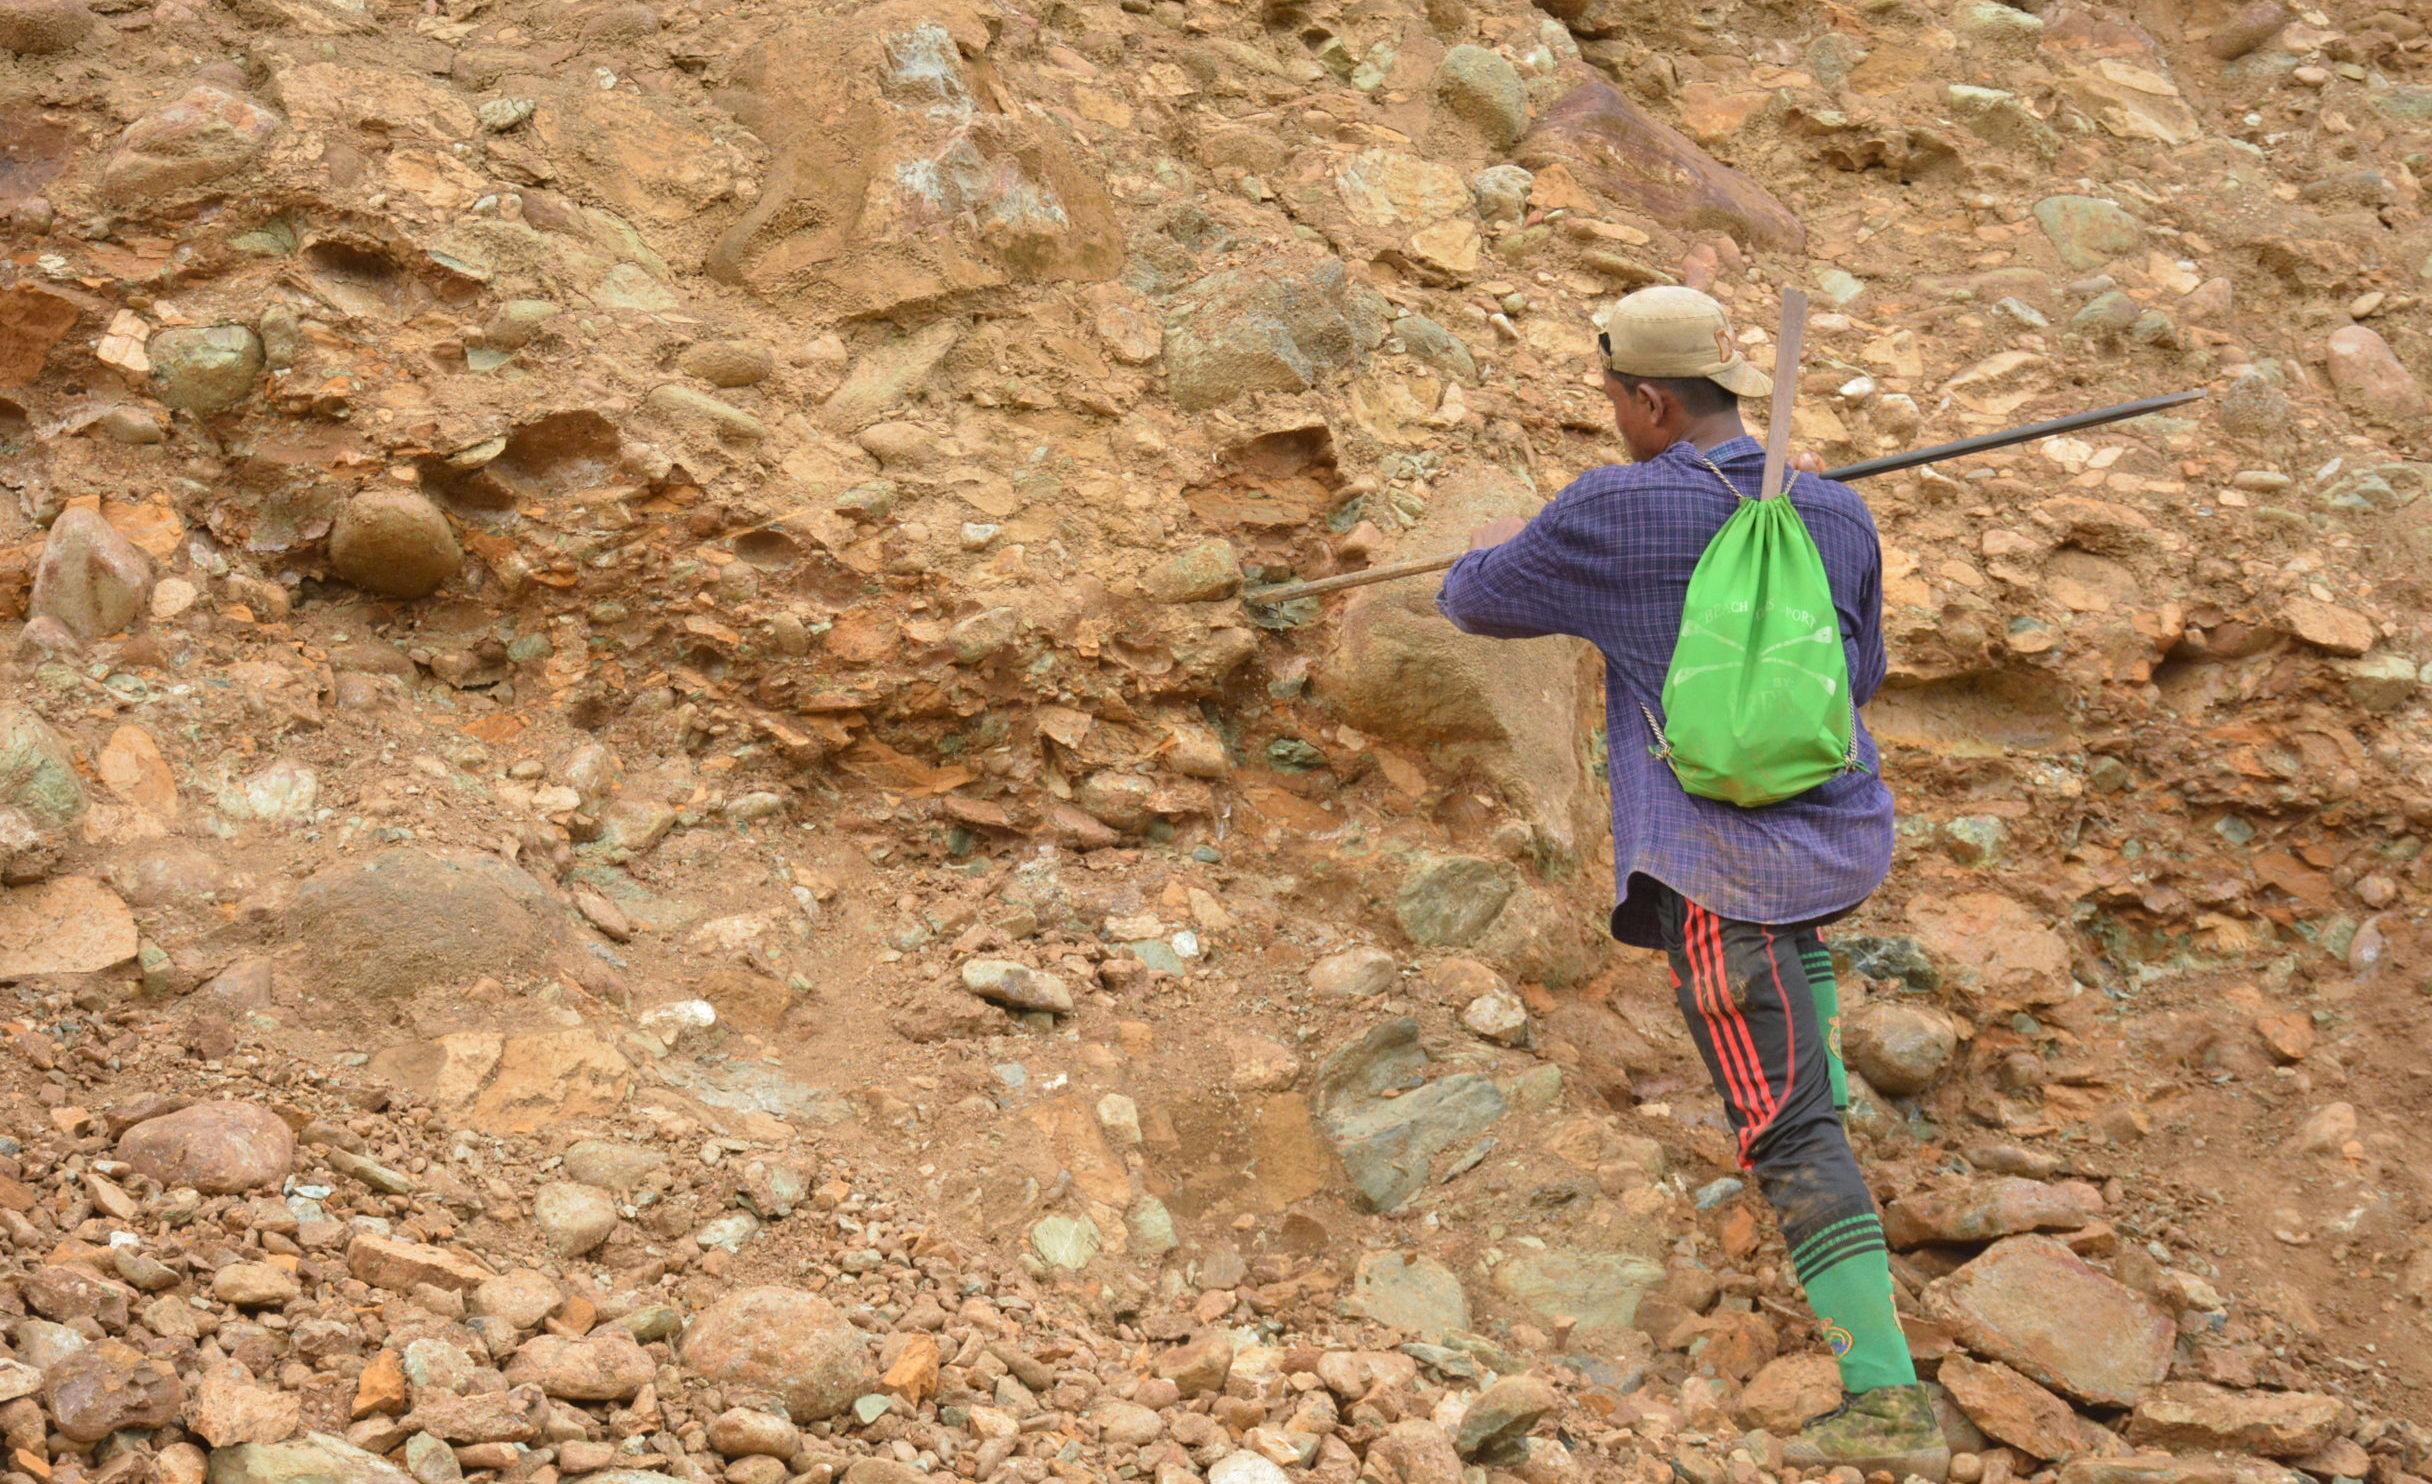 ဖားကန့်တွင် လက်လုပ်လက်စားများ လျှောက်လွှာများ စတင်လက်ခံနေ